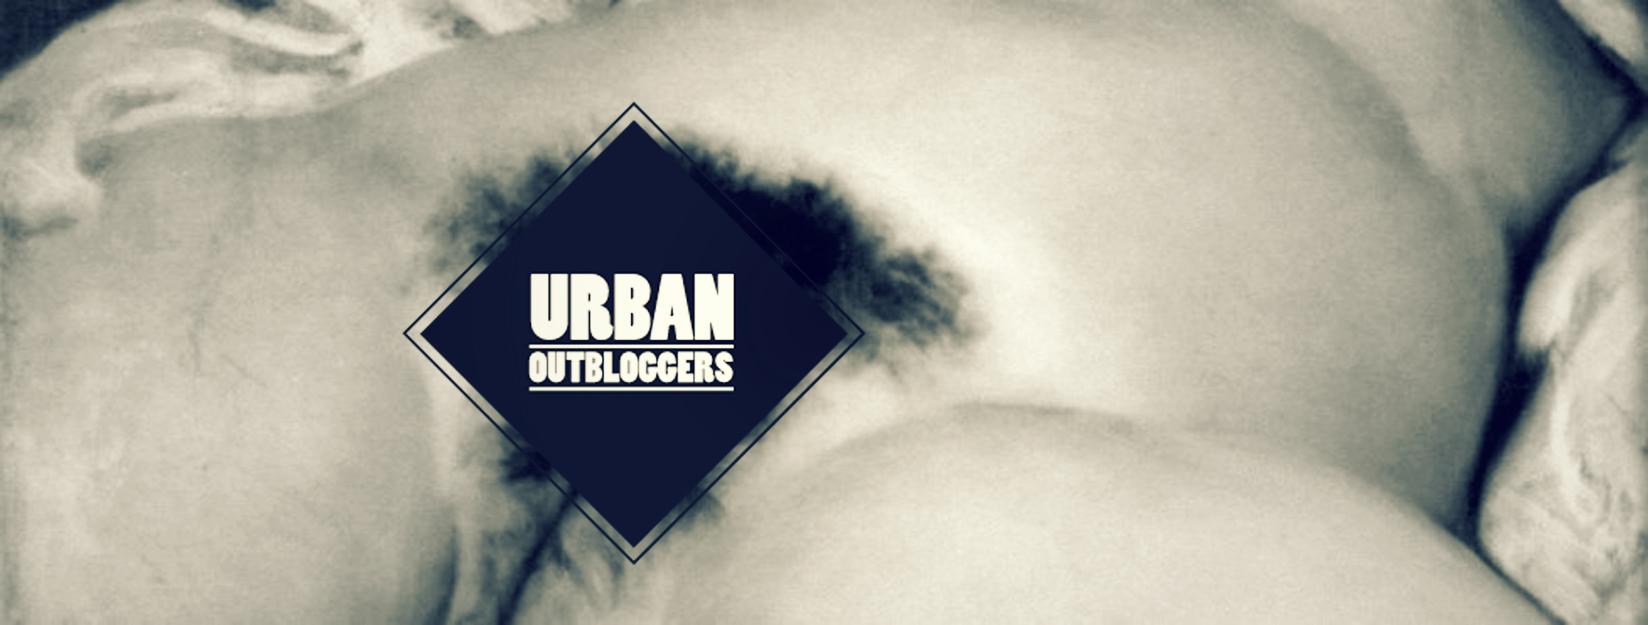 URBAN OUTBLOGGERS